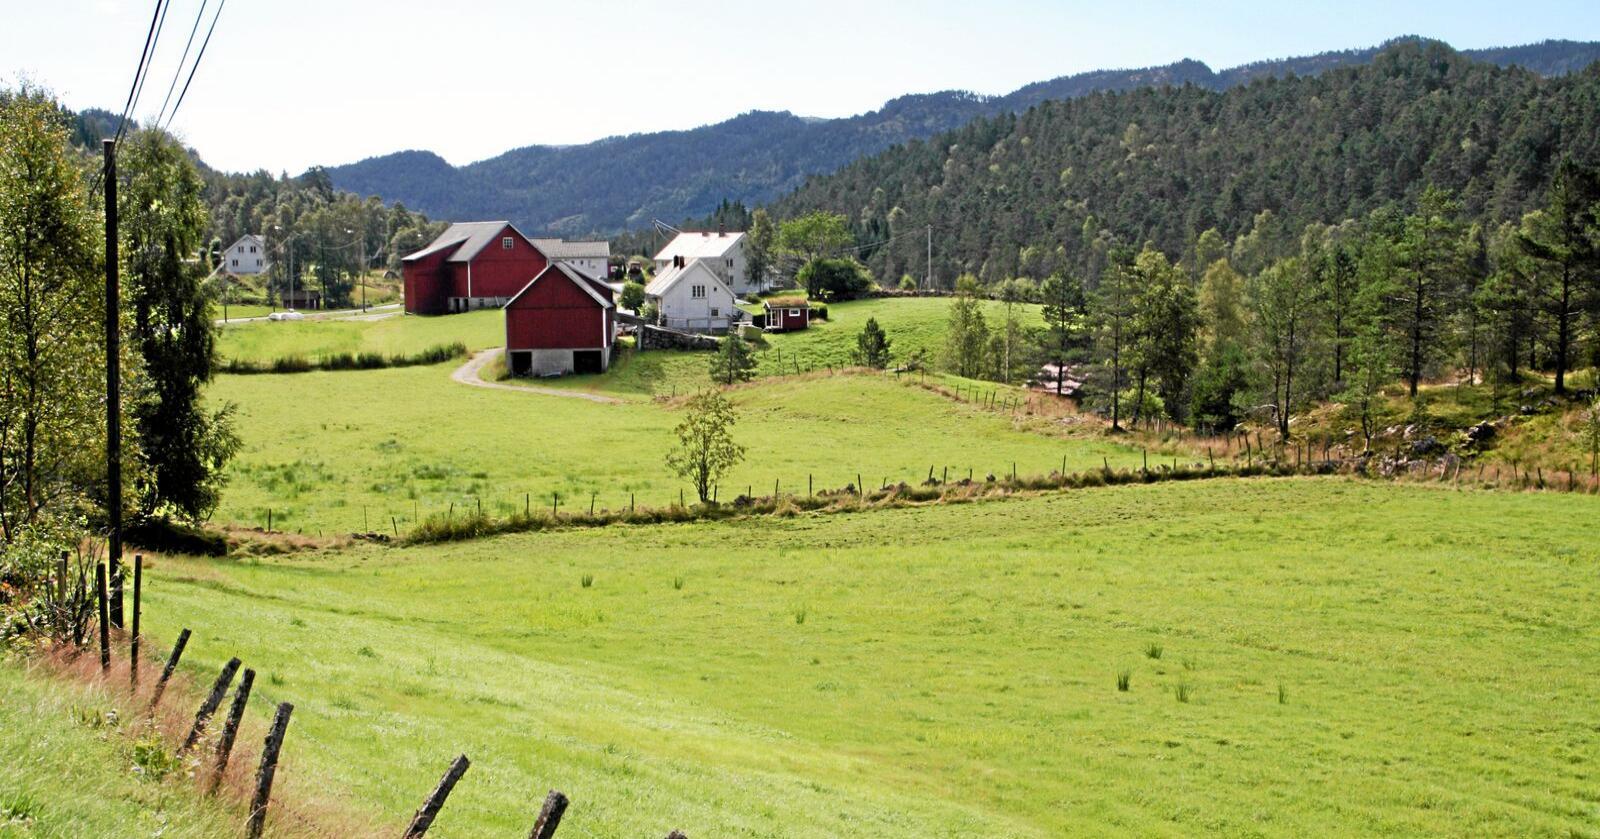 Årets jordbruksavtale føyer seg i rekken av avtaler som ikke prioriterer grasbaserte produksjoner i distriktene, selv om det er disse vi har best naturgitte forhold for å drive med, skriver styremedlemmer i Møre og Romsdal Bondelag. Foto: Bjarne Bekkeheien Aase